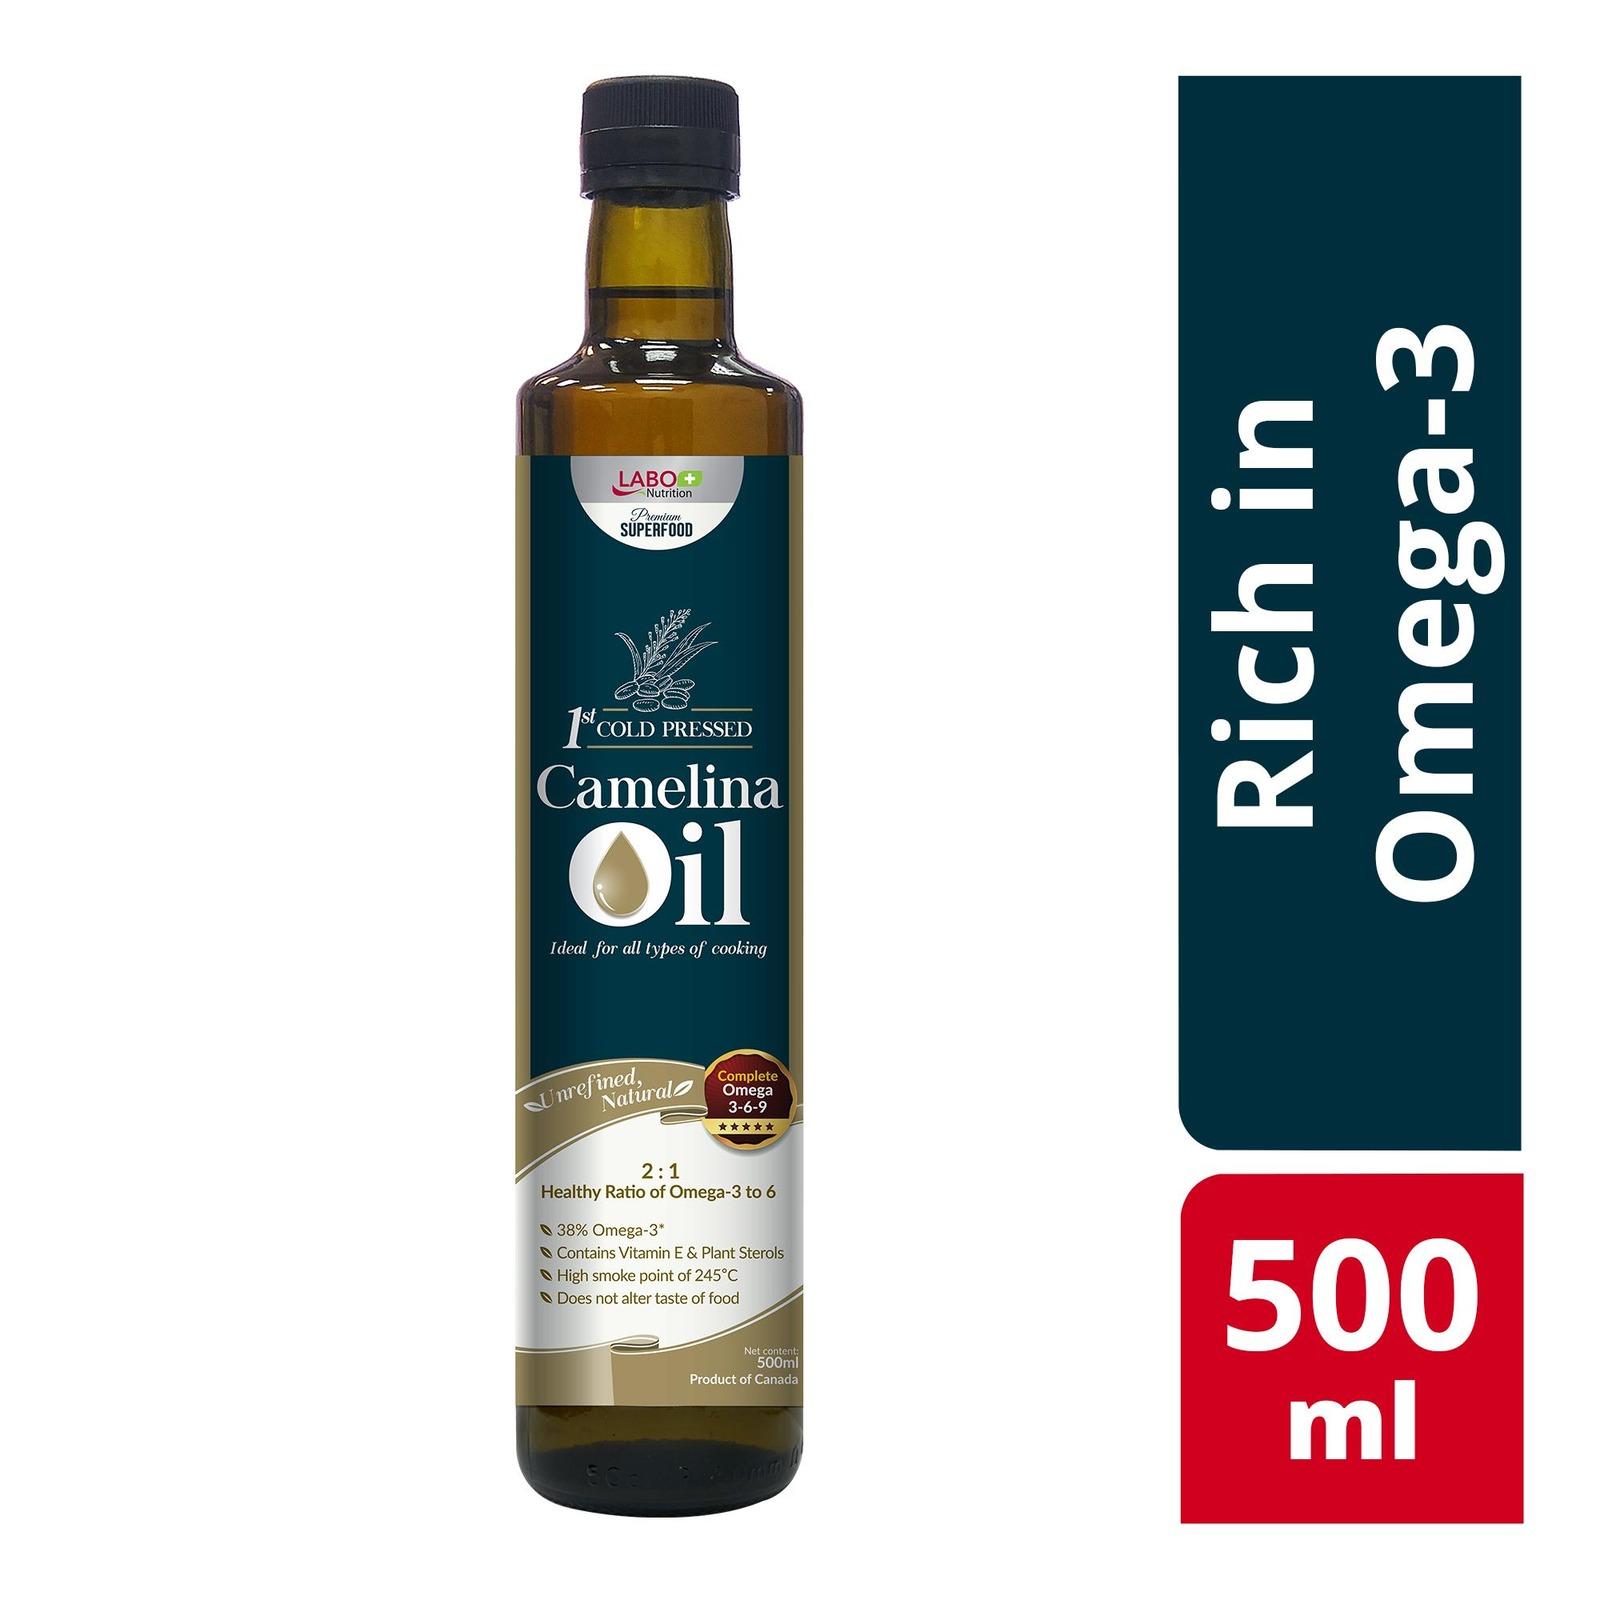 LABO Nutrition Camelina Oil